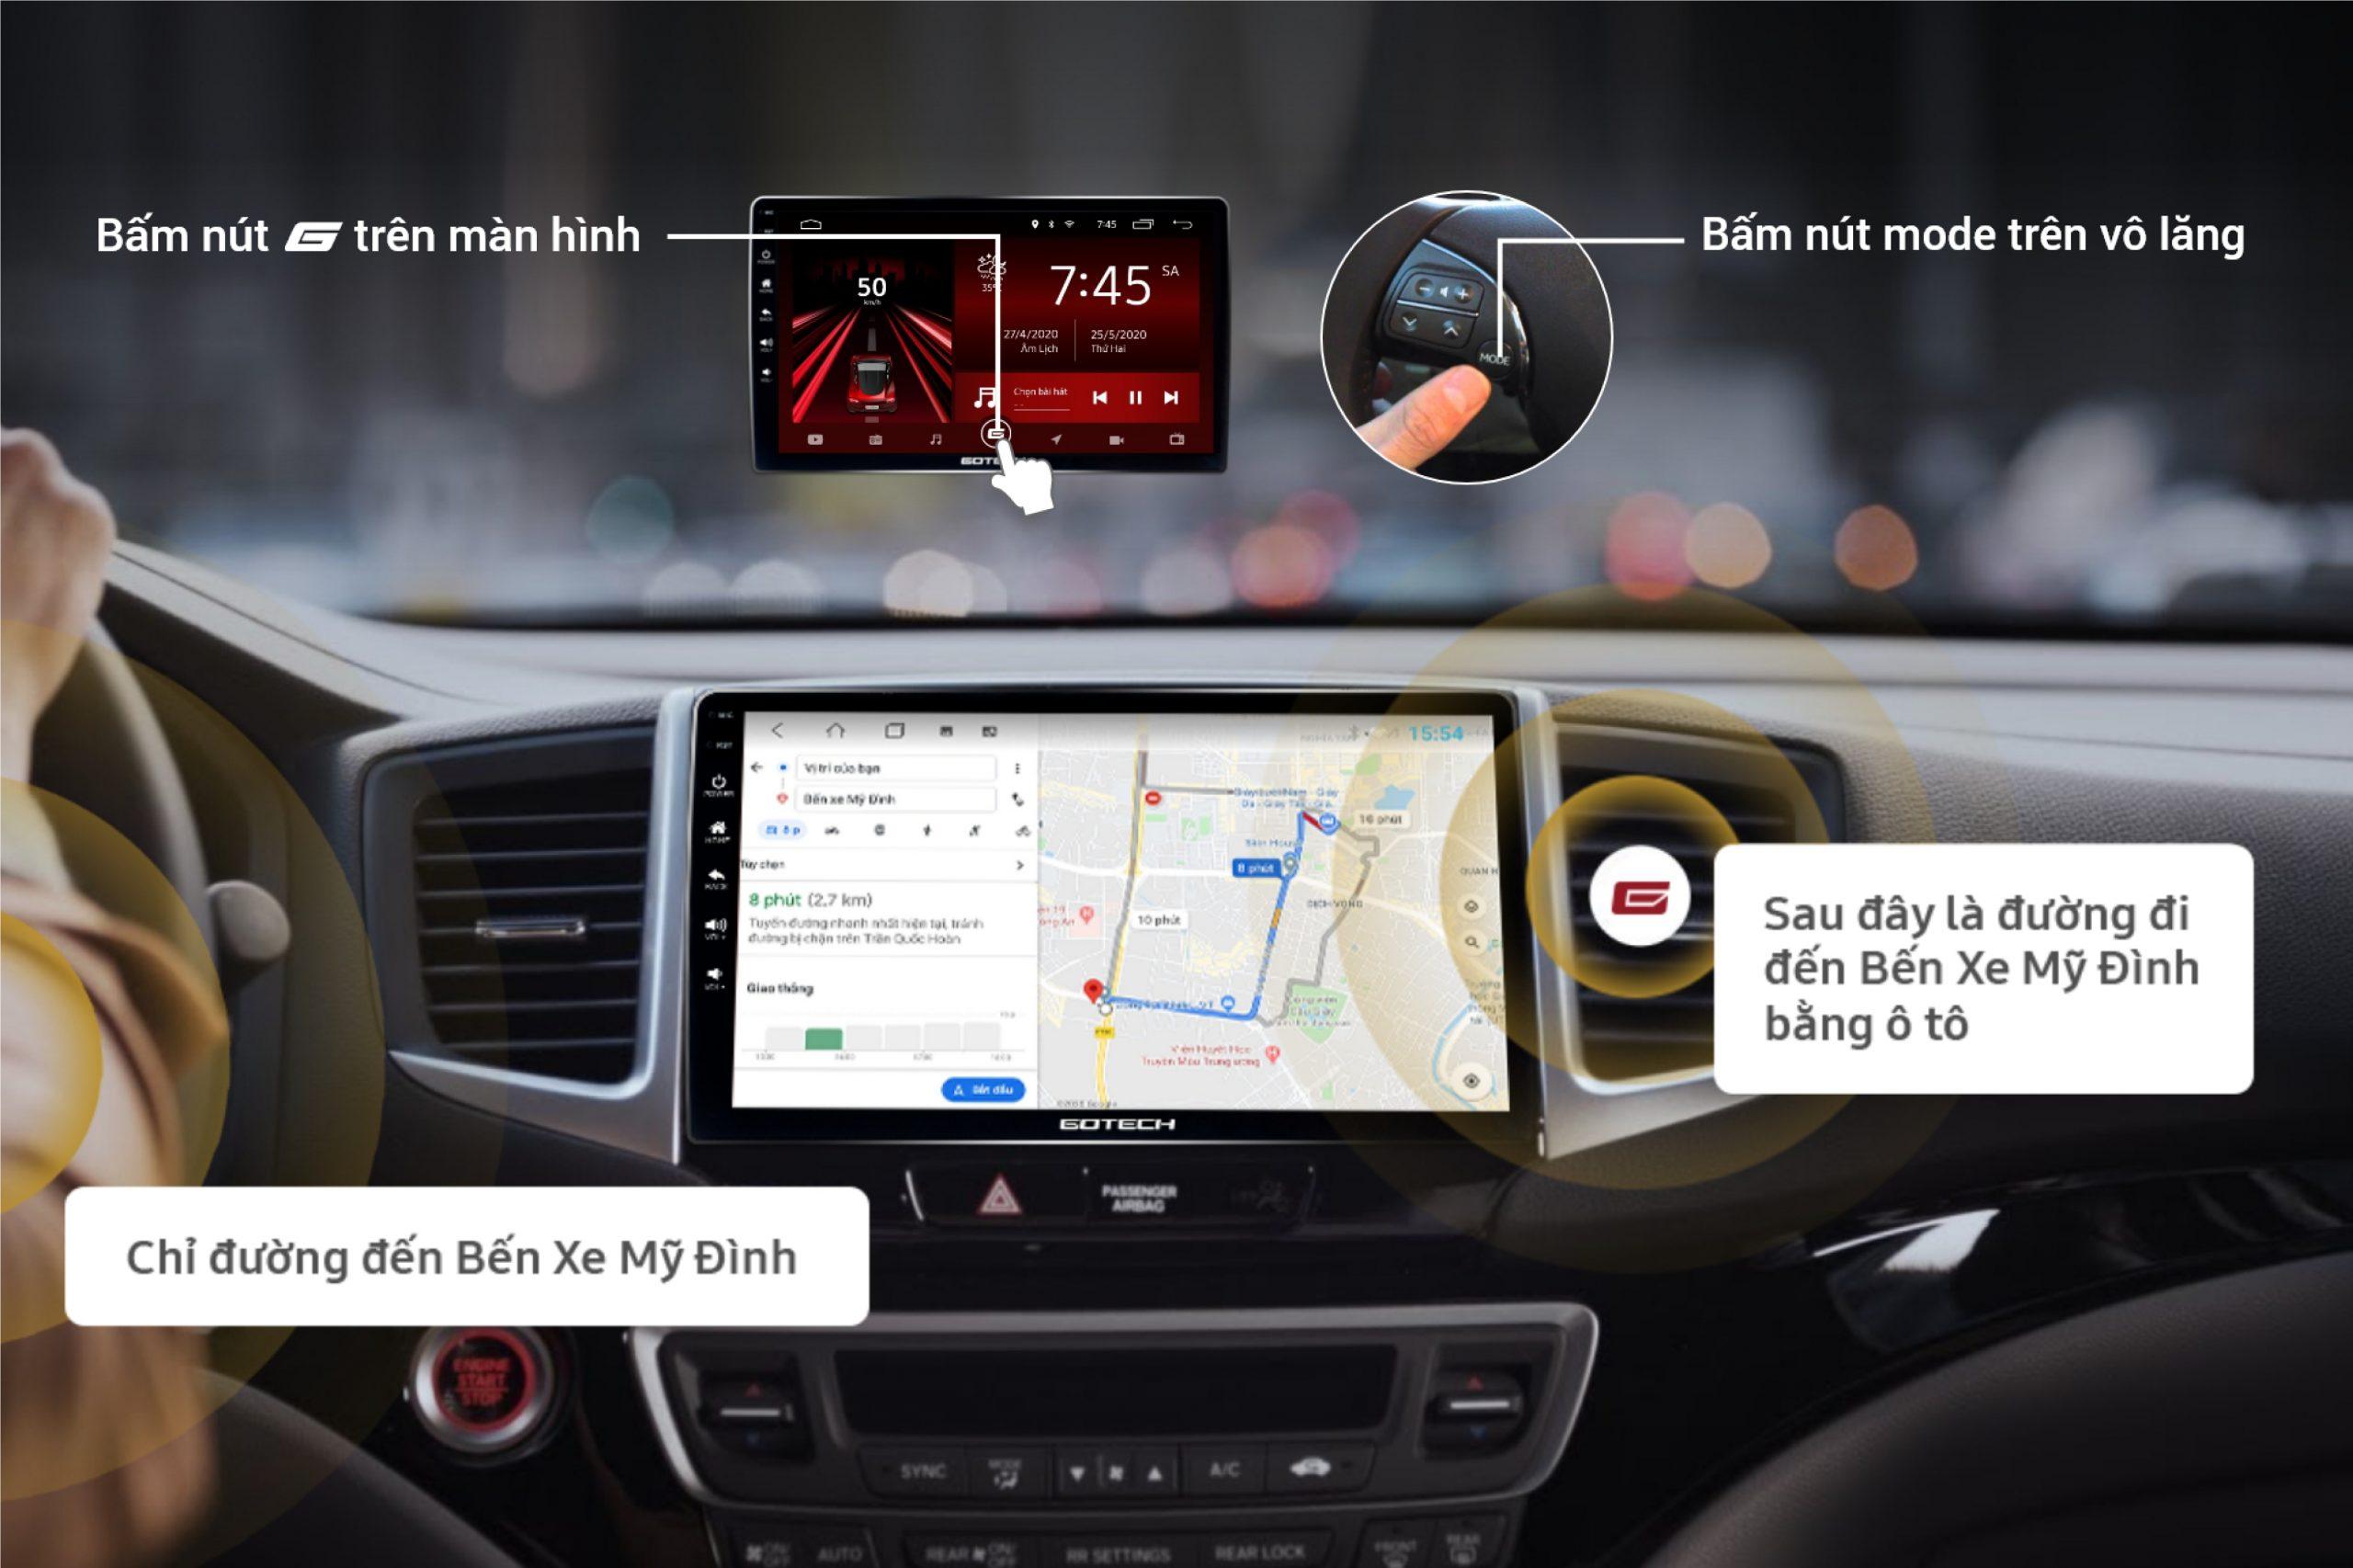 Ra lệnh giọng nói thông minh trên màn hình DVD Android GOTECH GT10 Pro